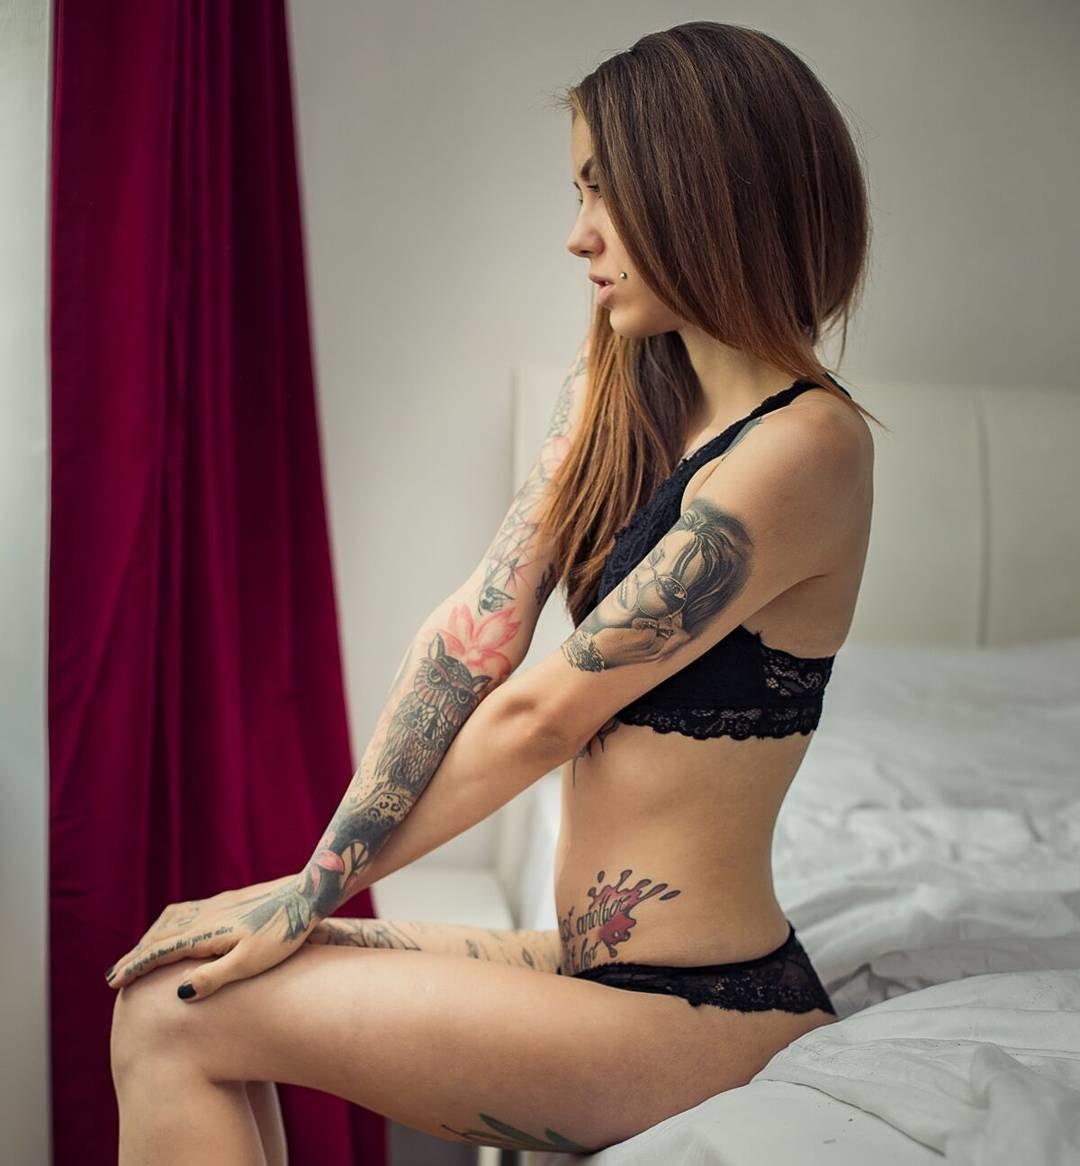 massazh-devushka-s-tatuirovkami-porno-hudoy-telki-stavyat-rakom-u-lavochki